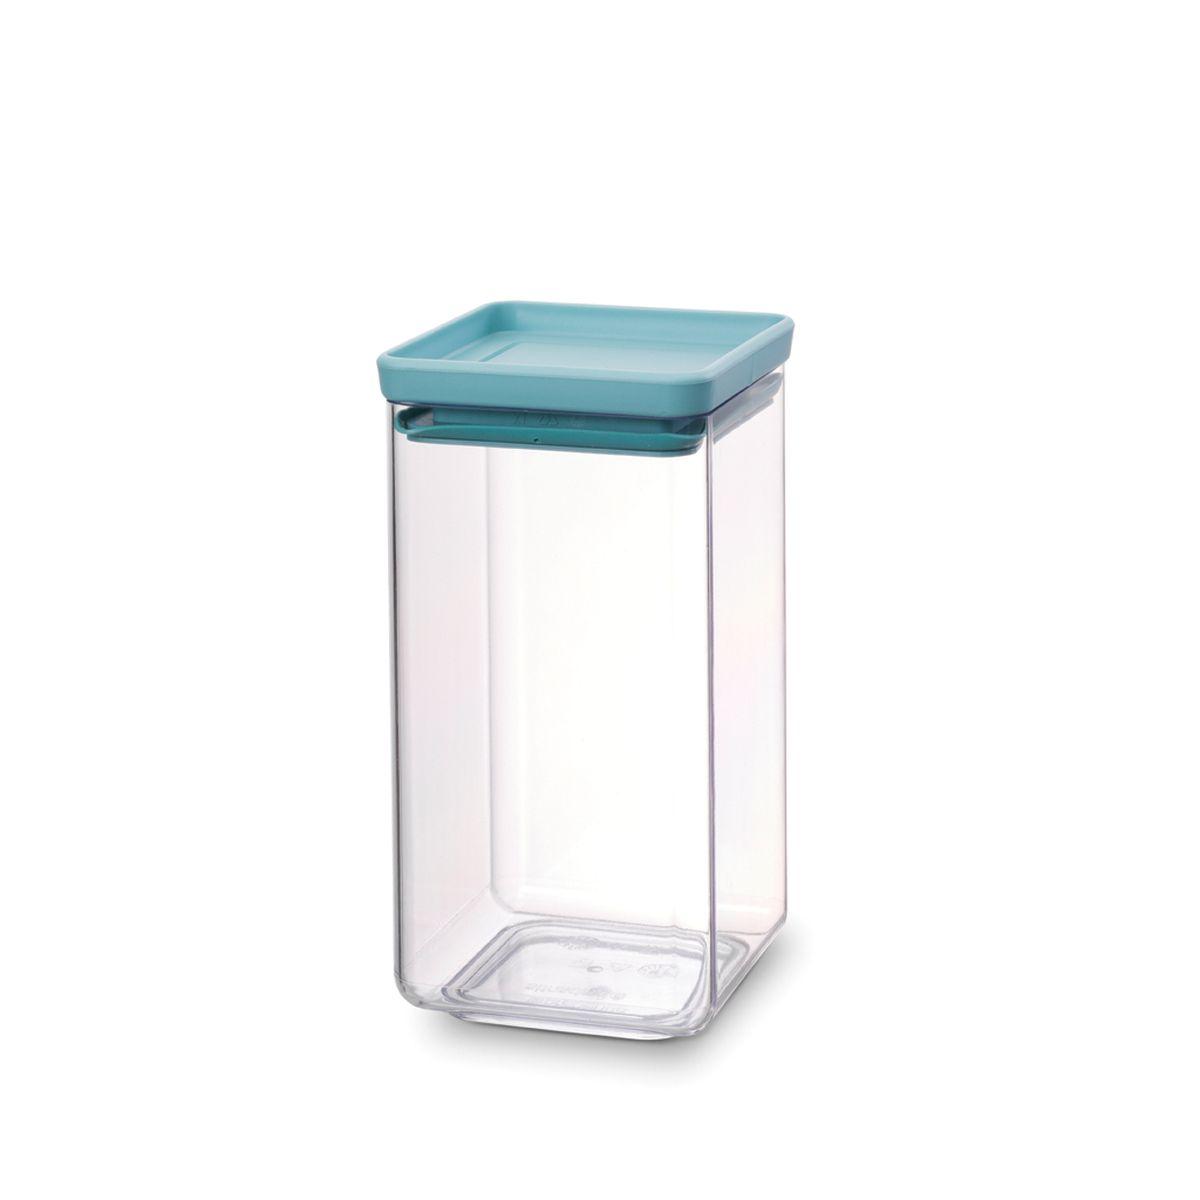 """Контейнер для сыпучих продуктов Brabantia """"Tasty Colors"""", цвет: прозрачный, голубой, 1,6 л. 290145"""